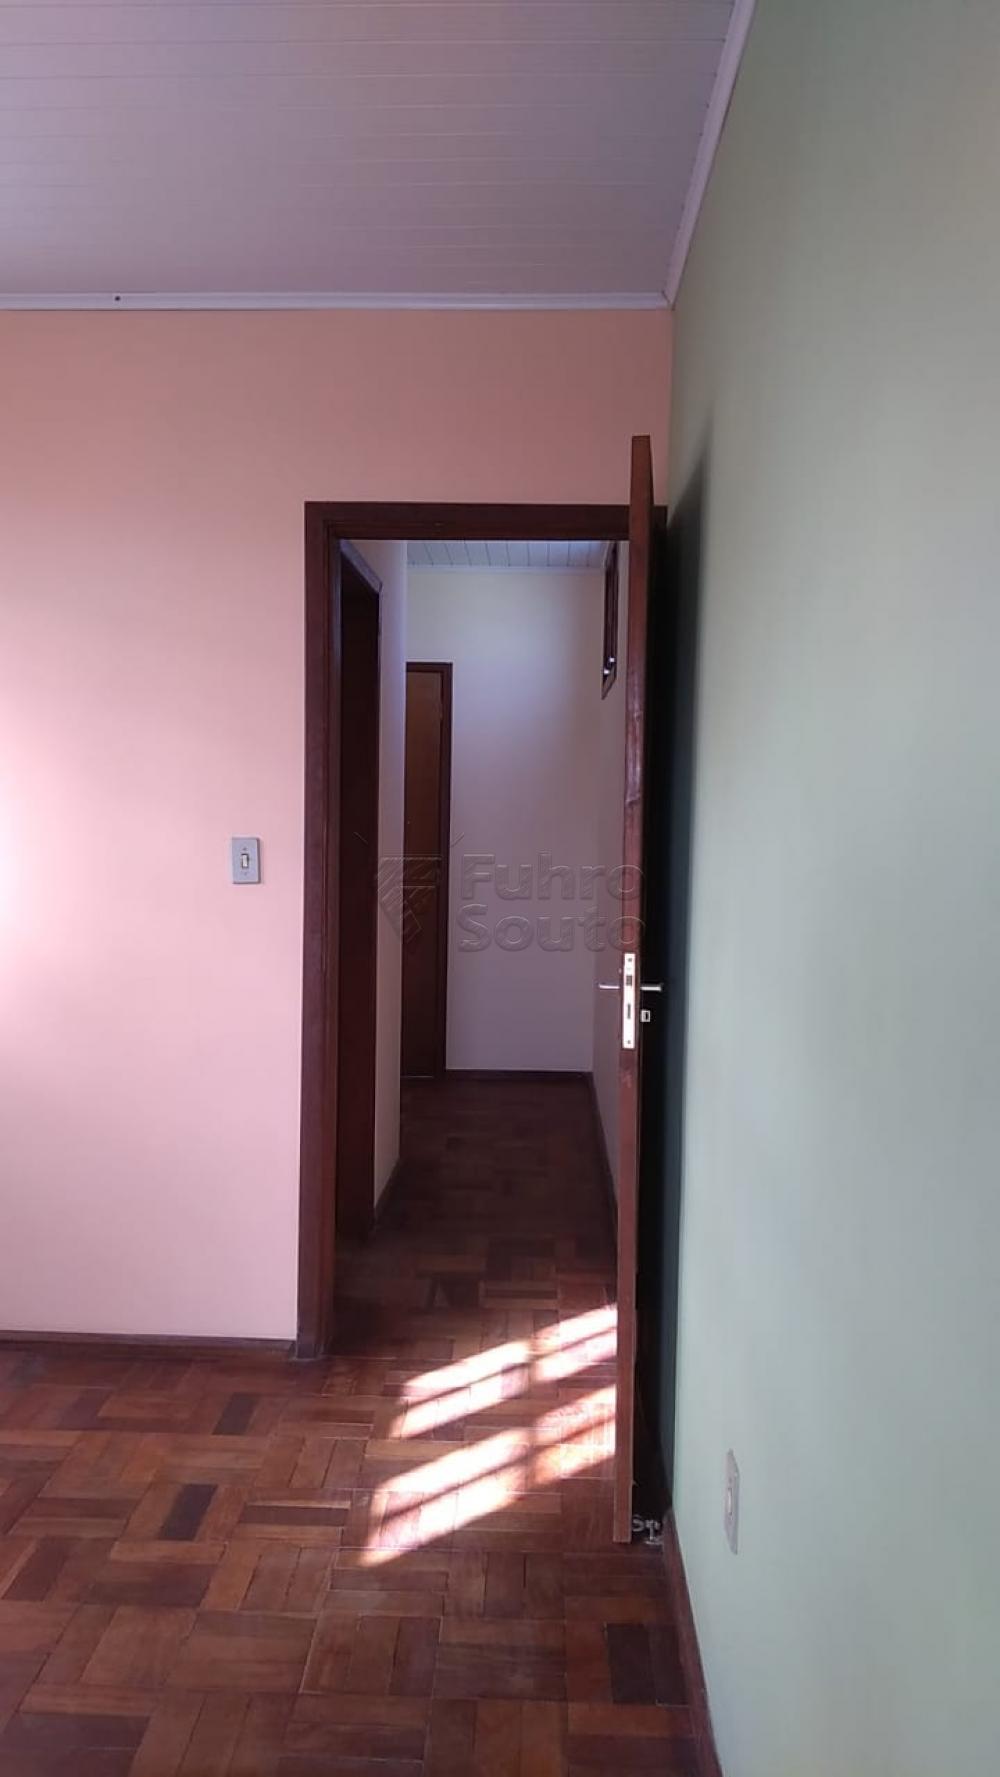 Comprar Casa / Padrão em Pelotas R$ 195.000,00 - Foto 11